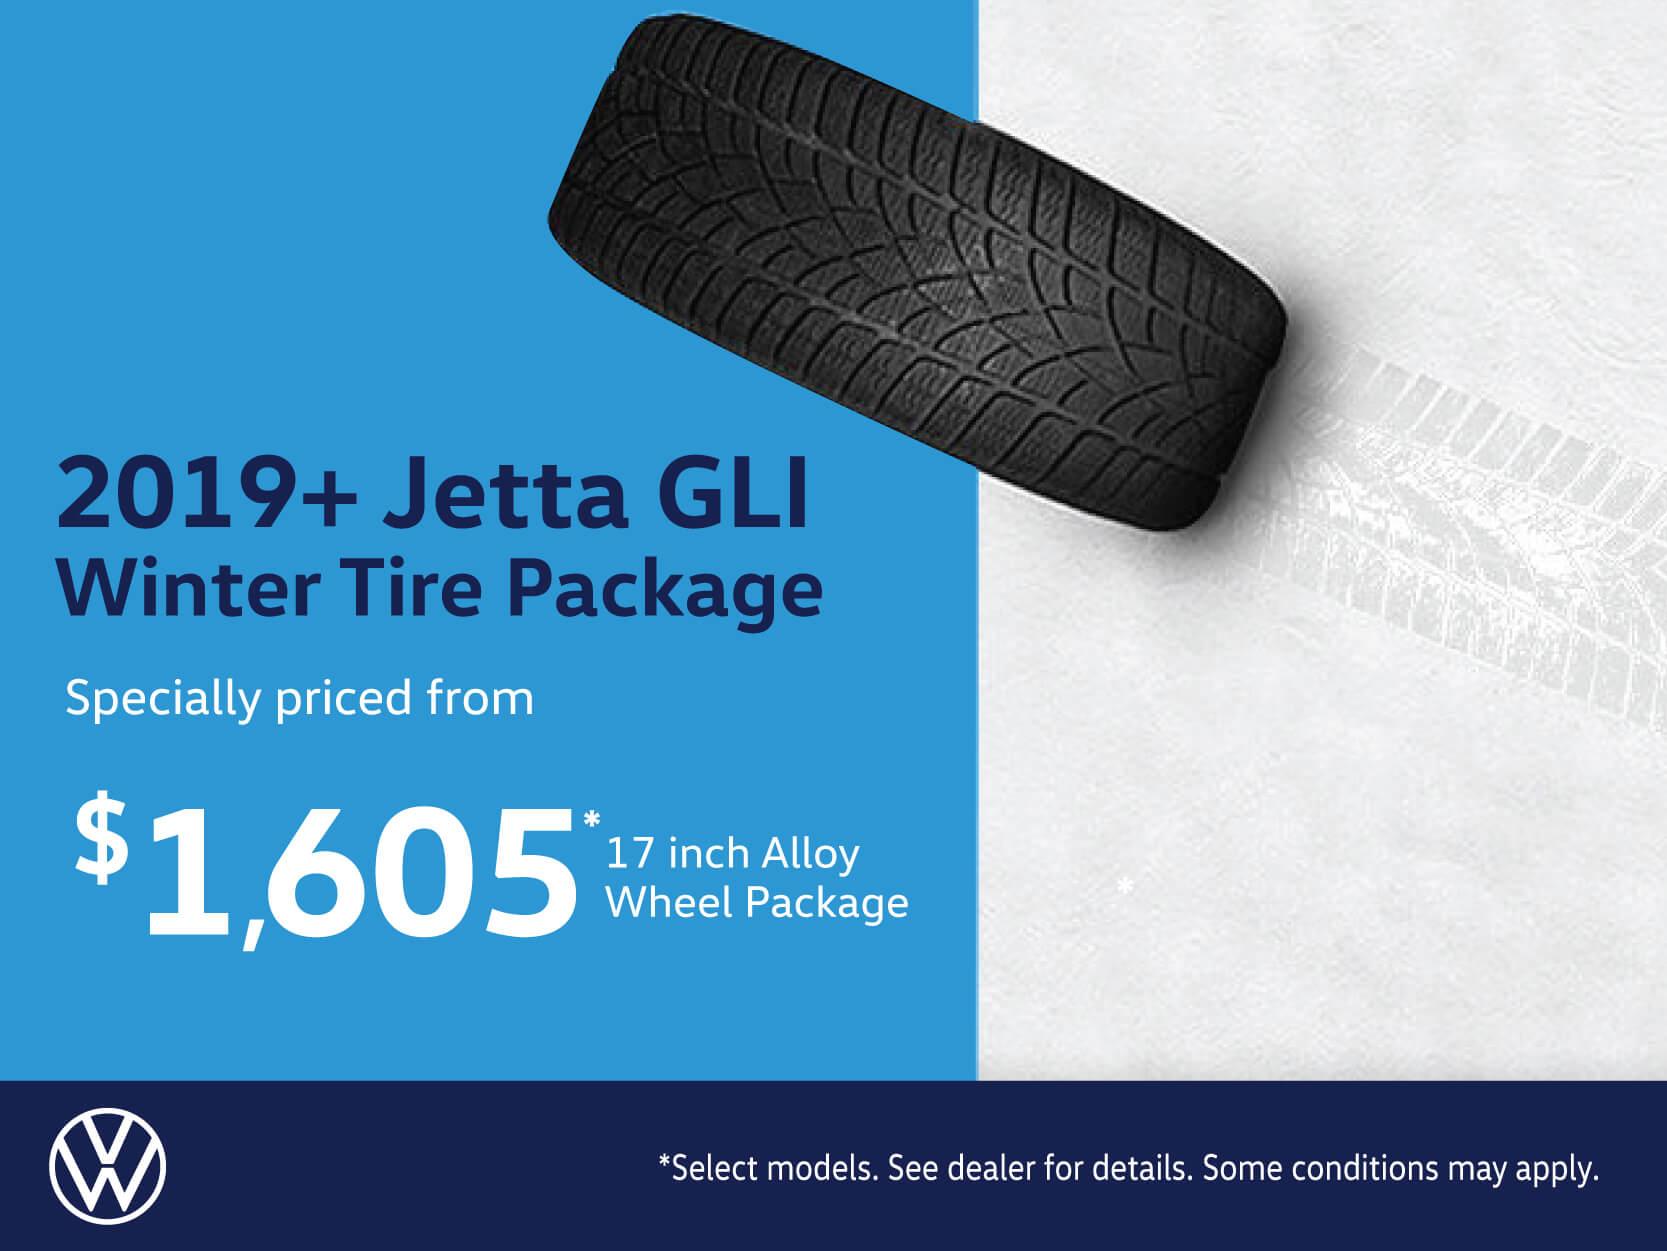 2019 Jetta GLI Winter Tire Package